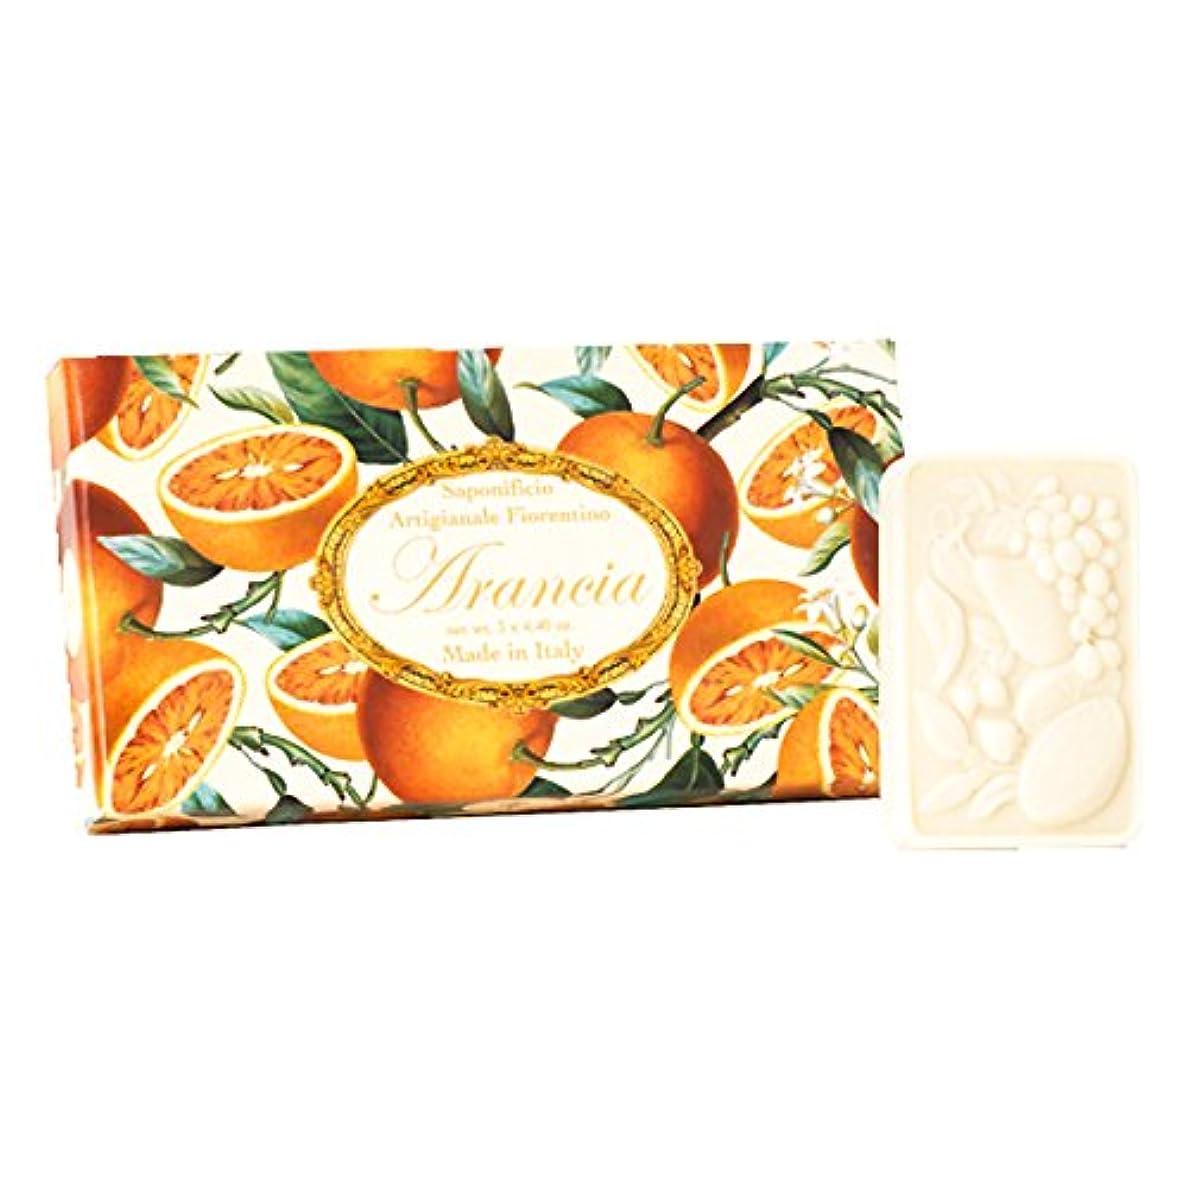 独裁者広く効能フィレンツェの 長い歴史から生まれたこだわり石鹸 オレンジ【刻印125g×3個セット】